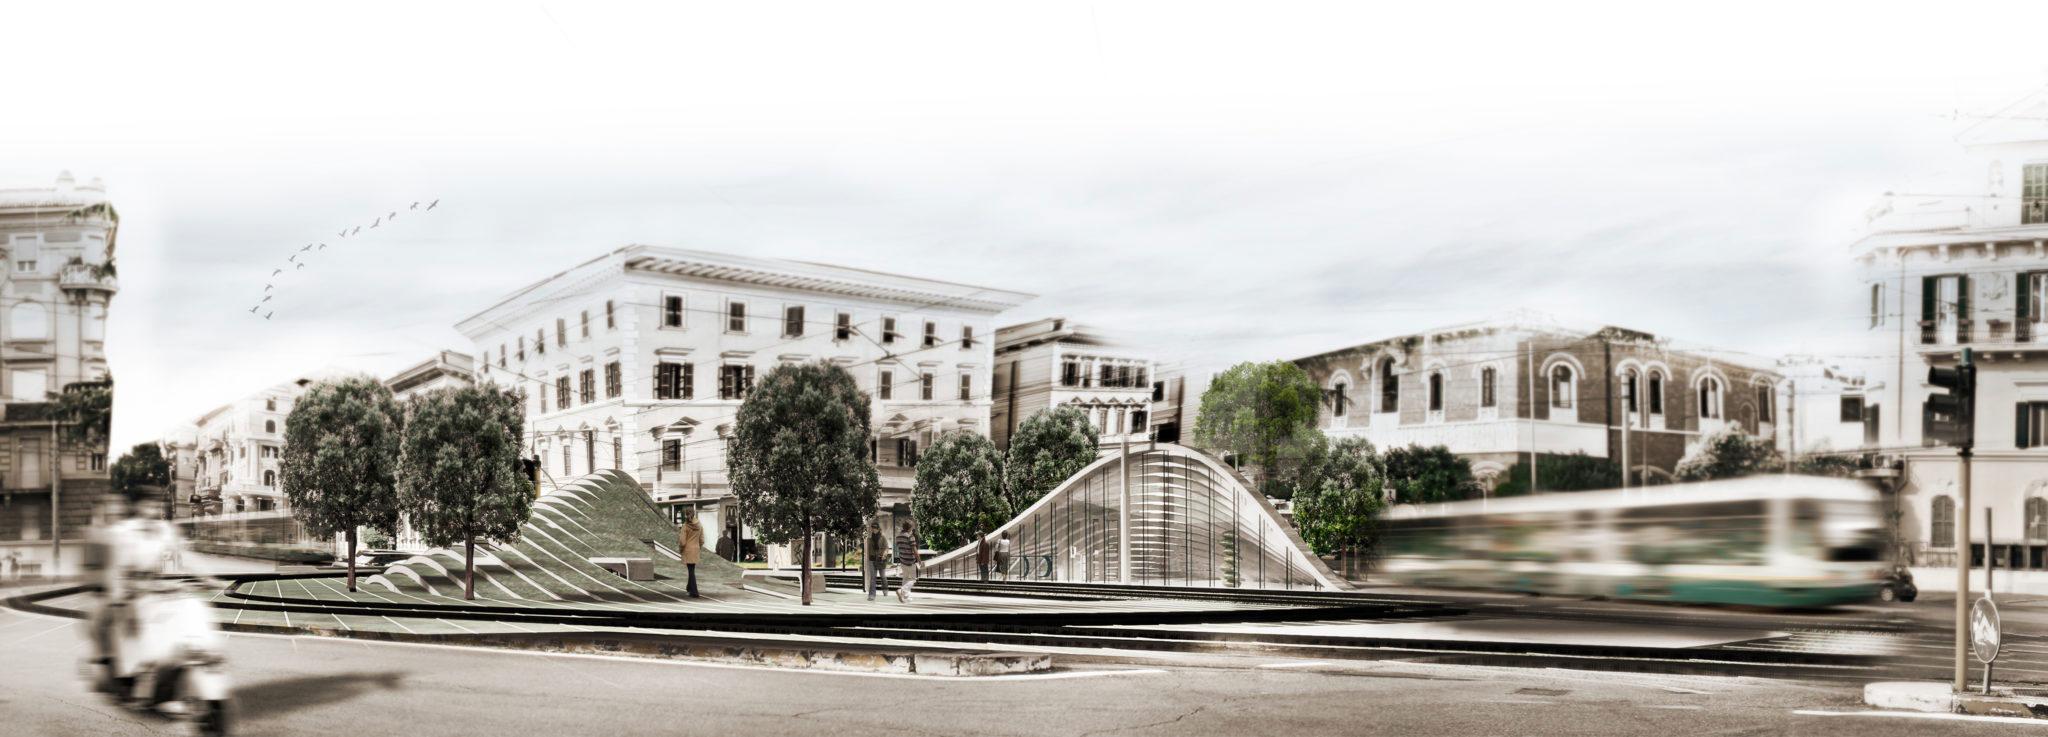 Concrete Poetry Hall Rome